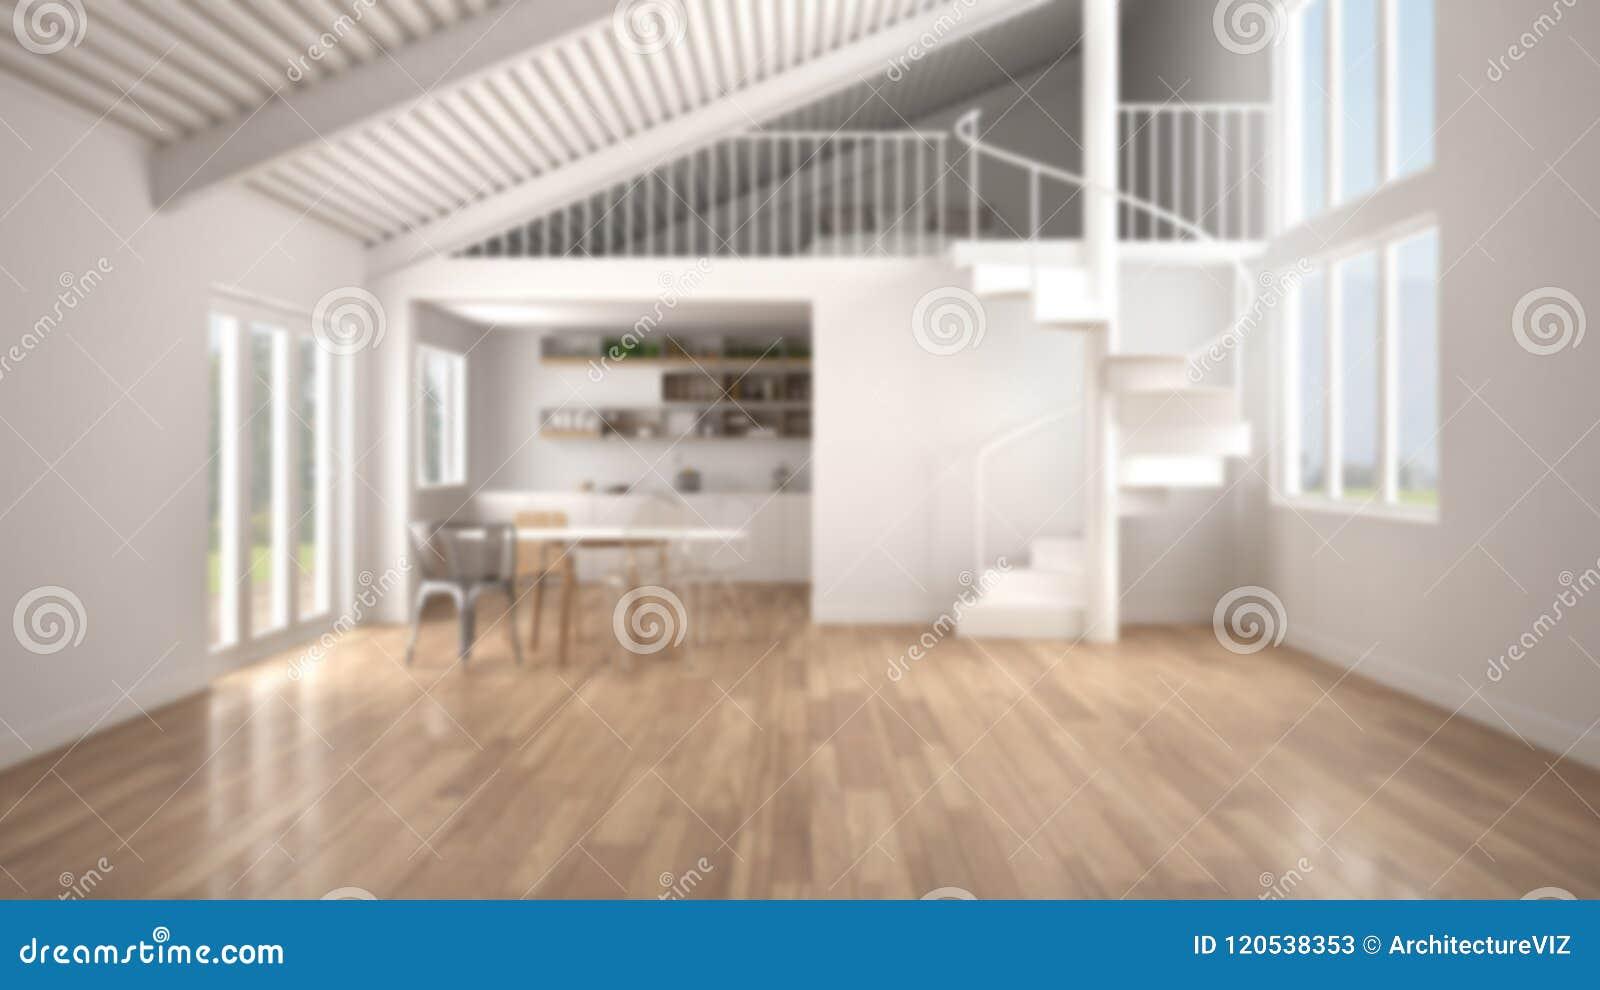 Onduidelijk beeldachtergrond, minimalistische open plek, witte keuken met mezzanine en moderne wenteltrap, zolder met slaapkamer,